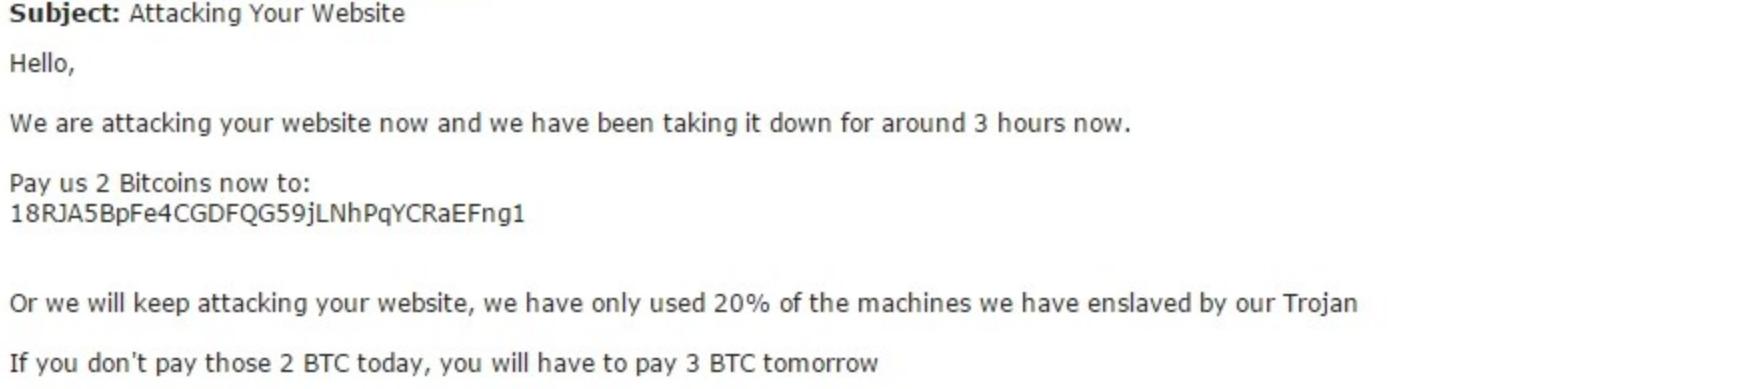 A DDoS ransom email